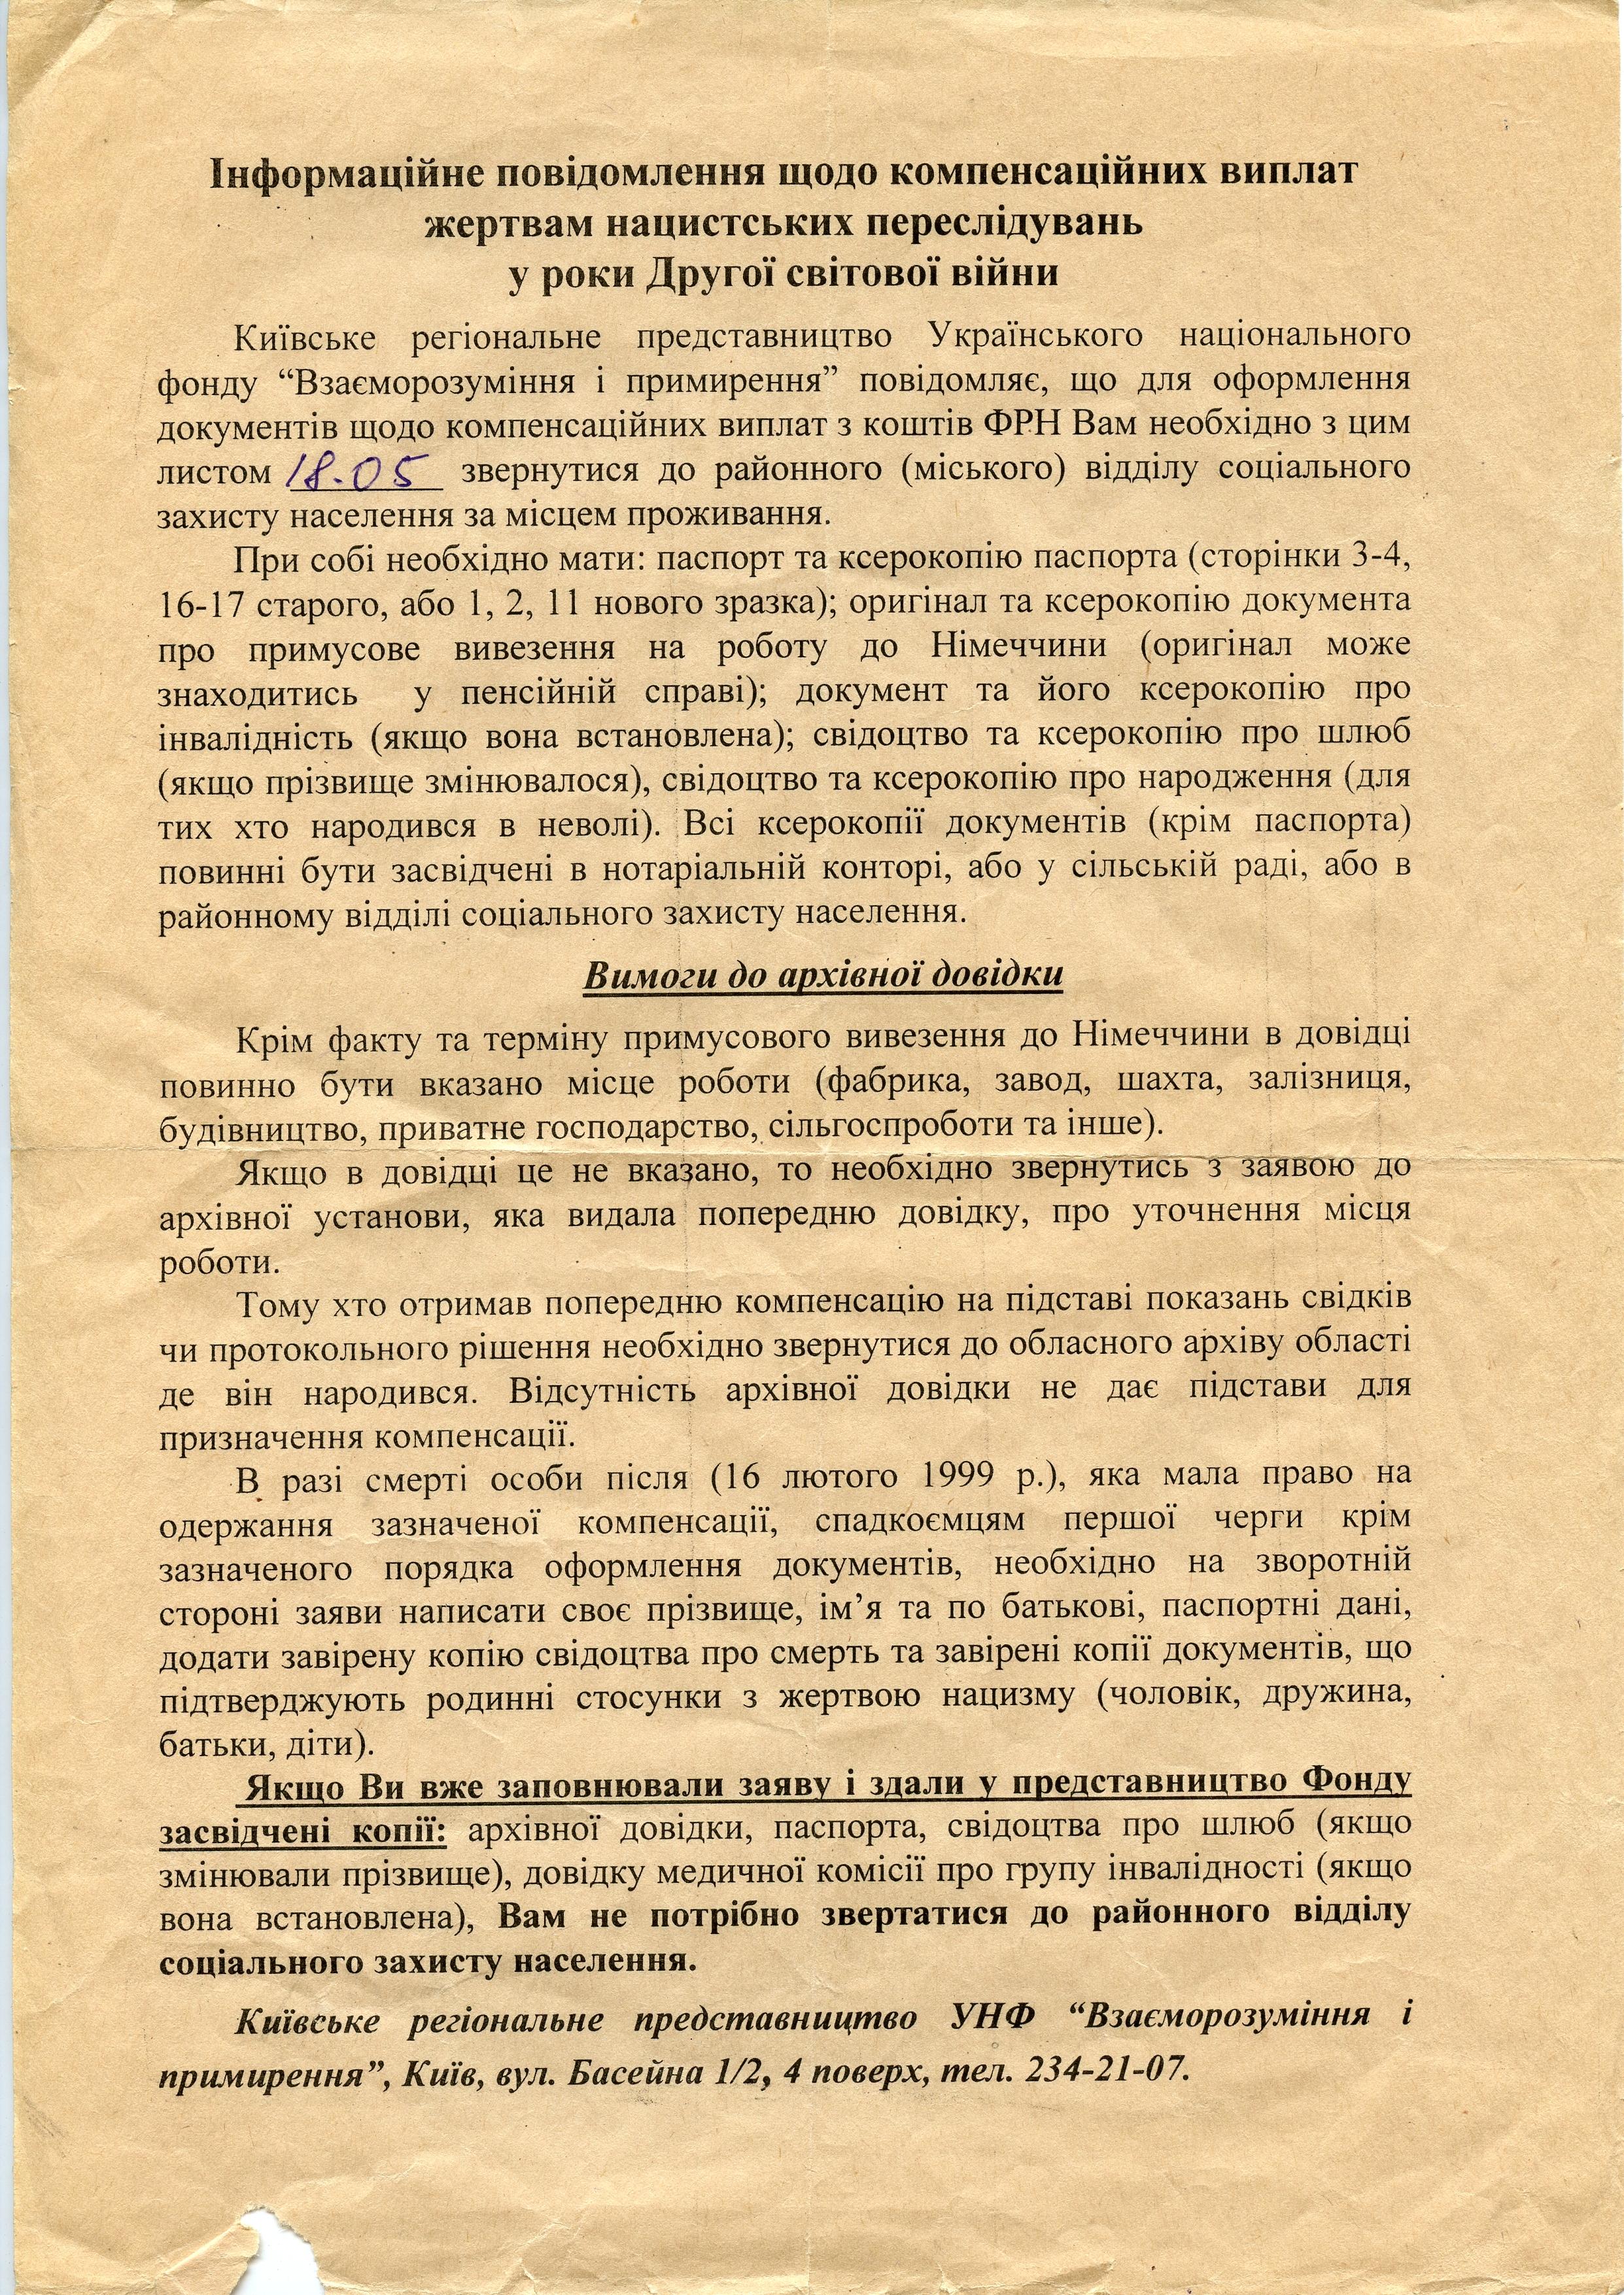 Інформаційне повідомлення щодо компенсаційних виплат жертвам нацистських переслідувань у роки Другої світової війни